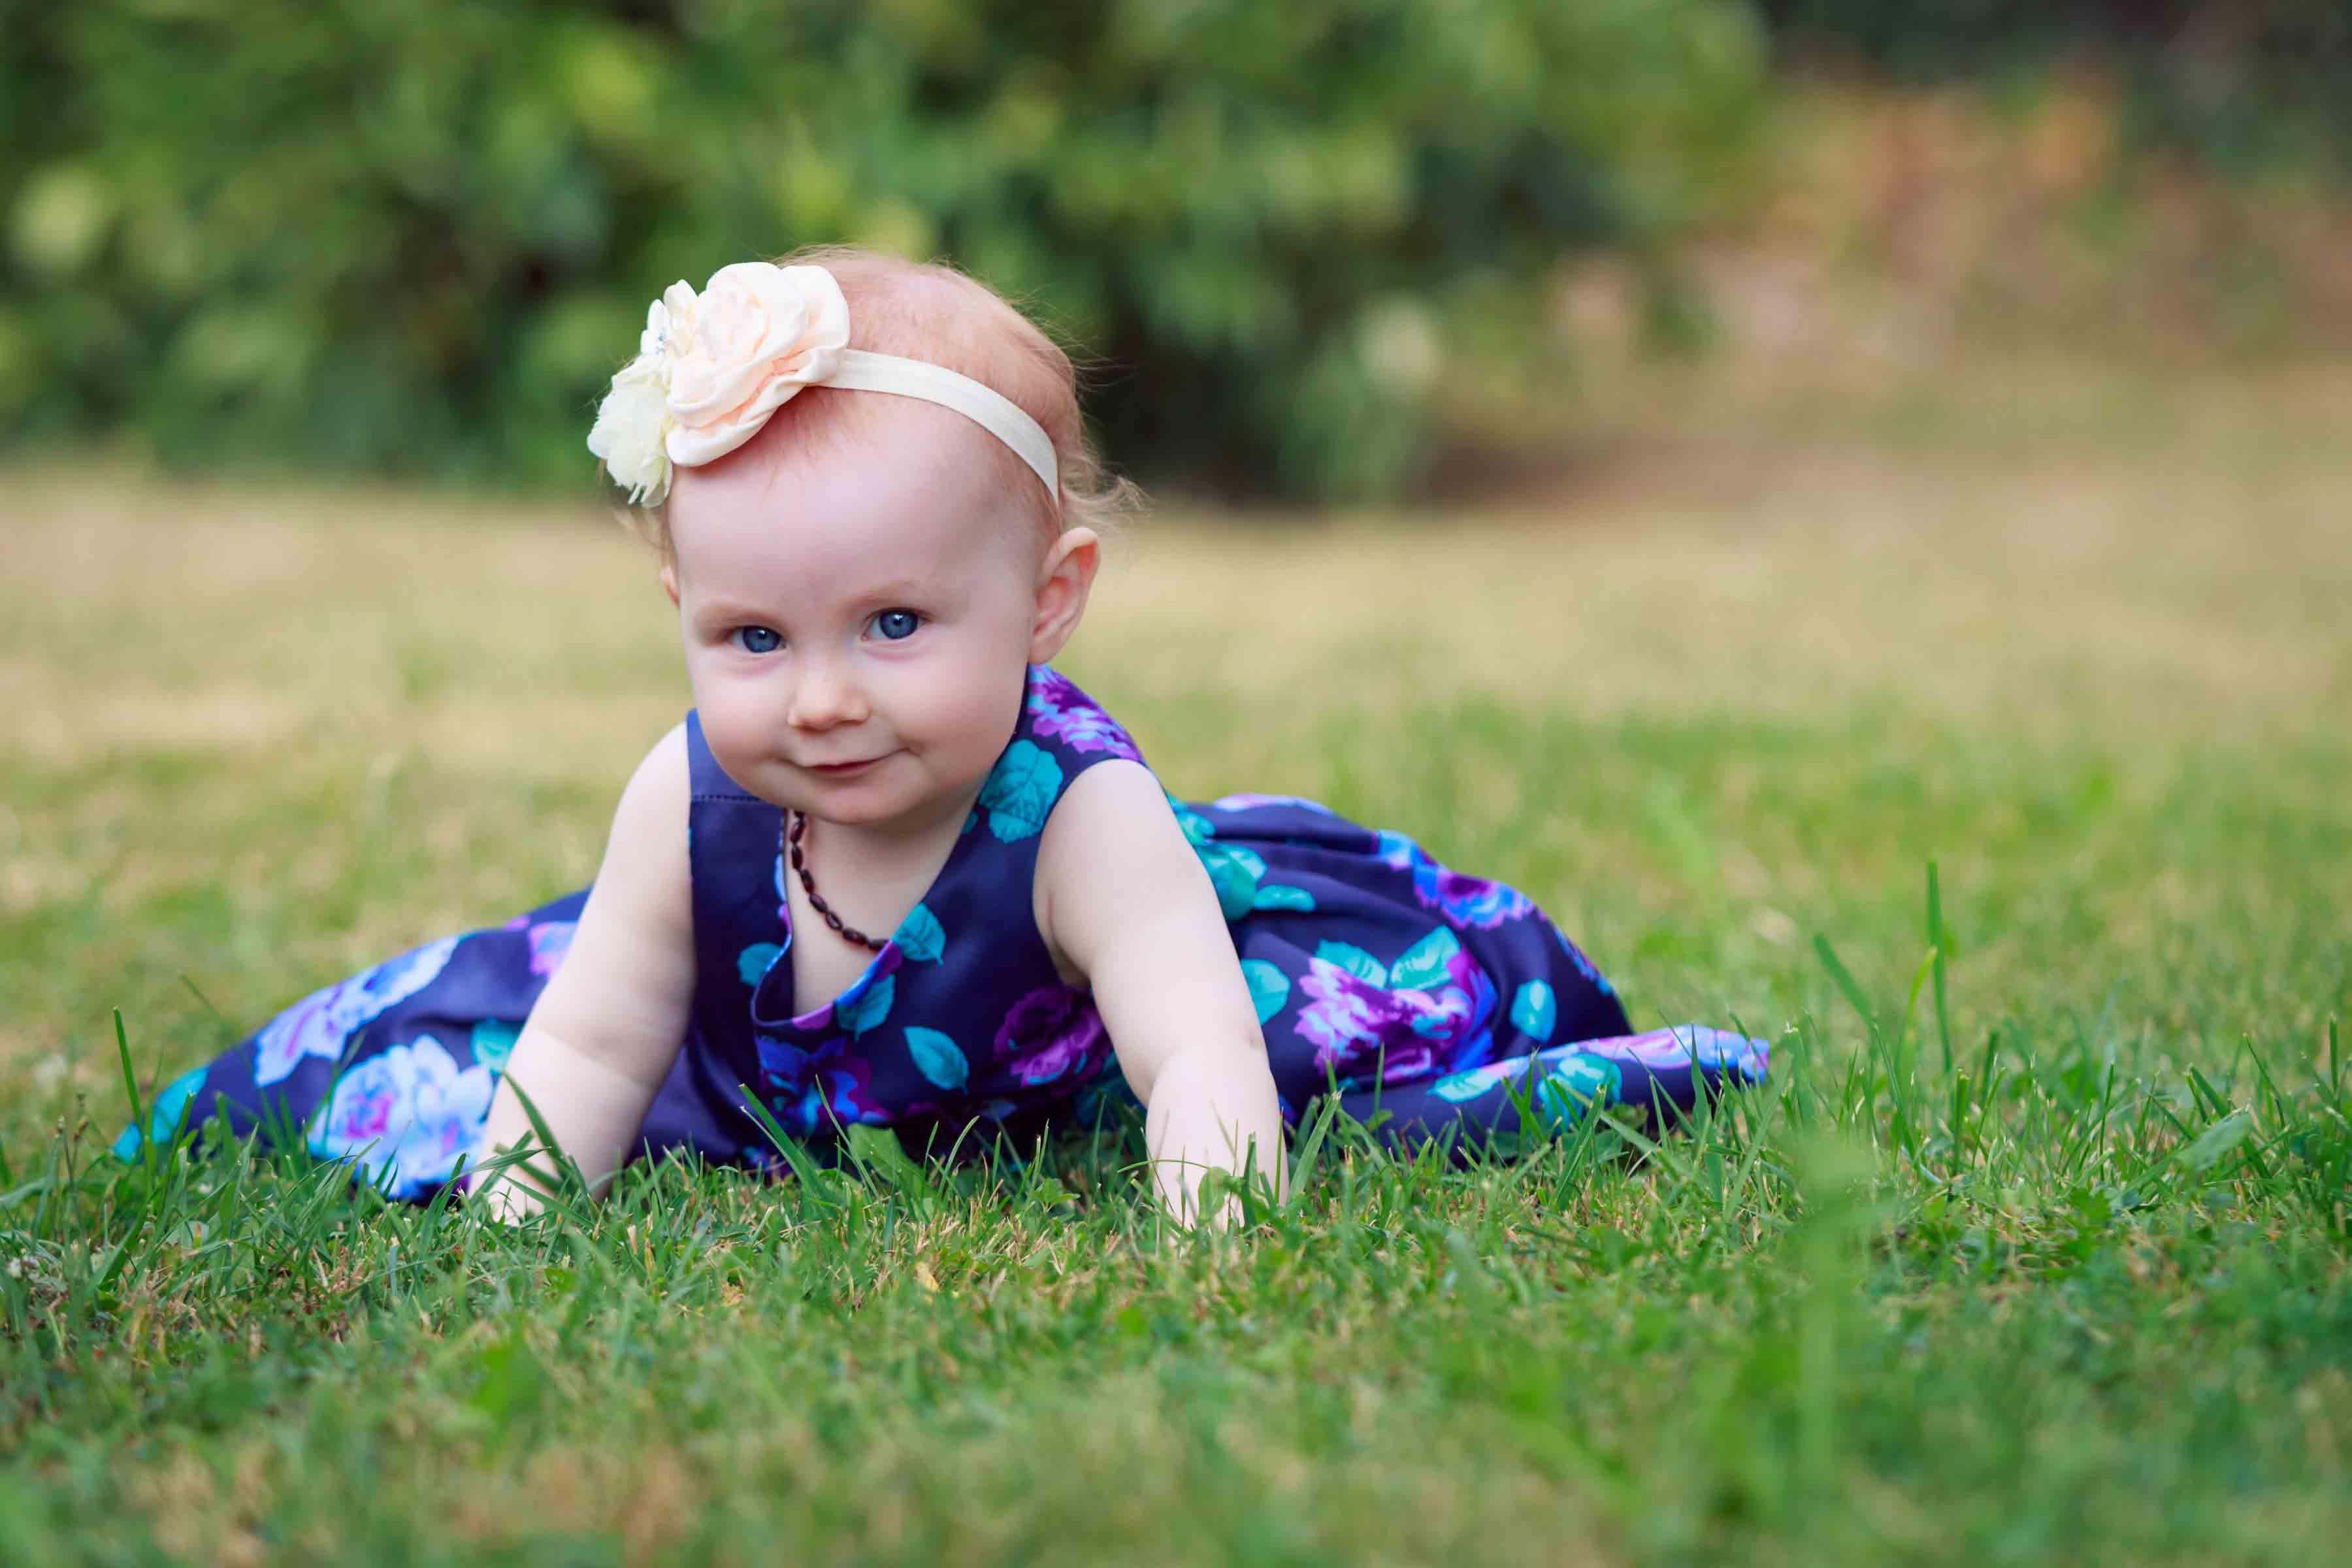 Babyshooting und Familienportraits mit Glücksfaktor und Sommerfeeling IMG 4151w